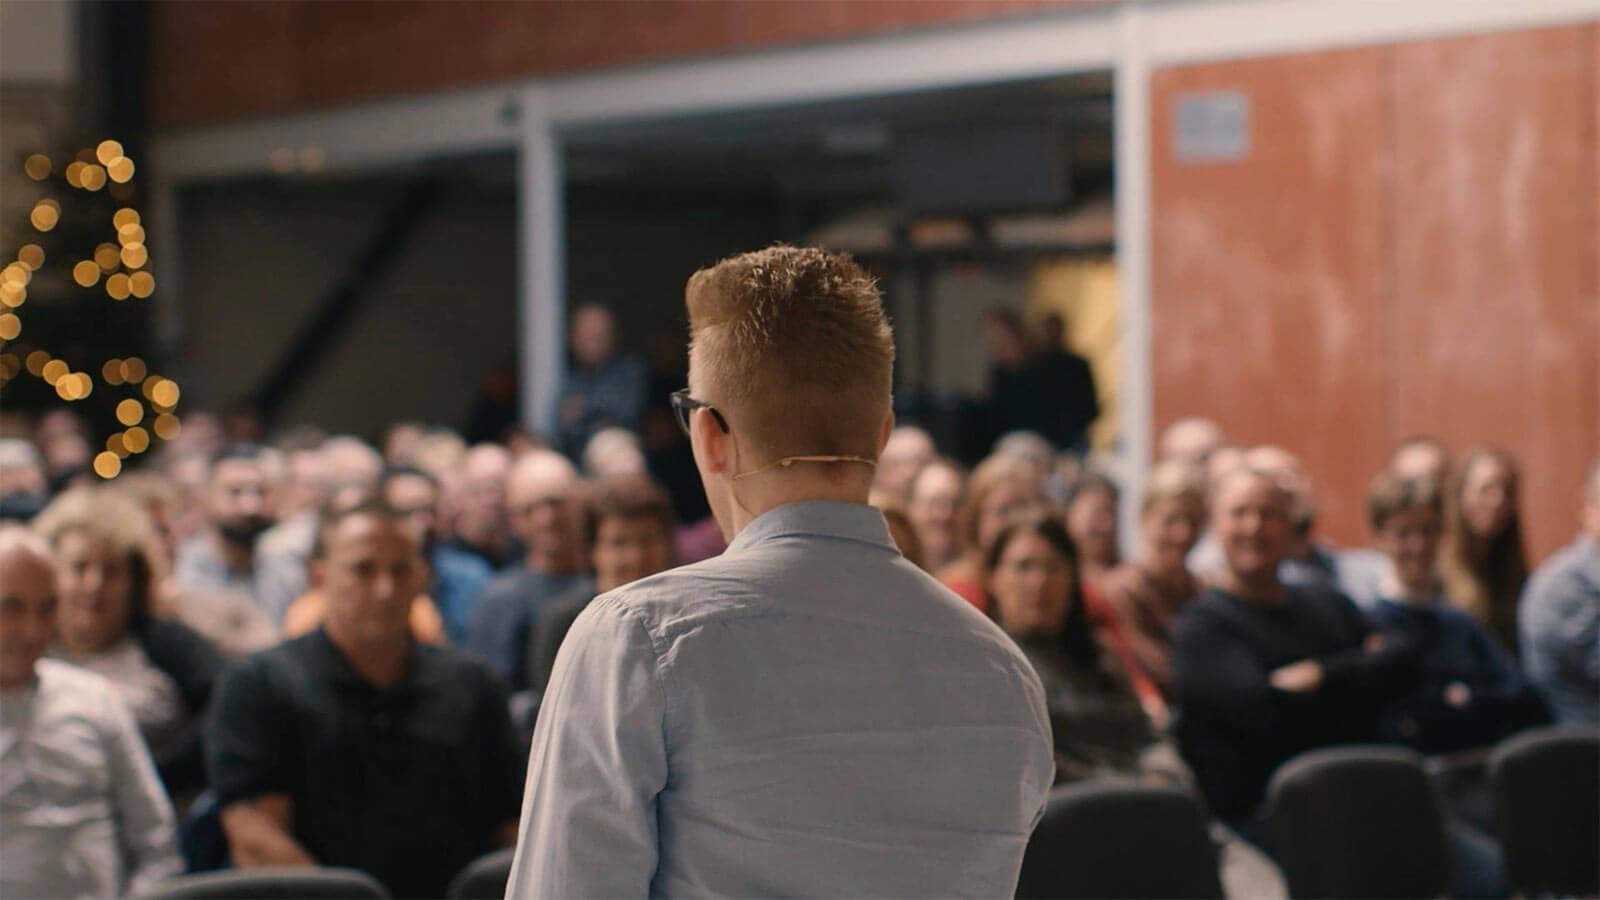 Foredrag om motivation, forandring og udfordringer